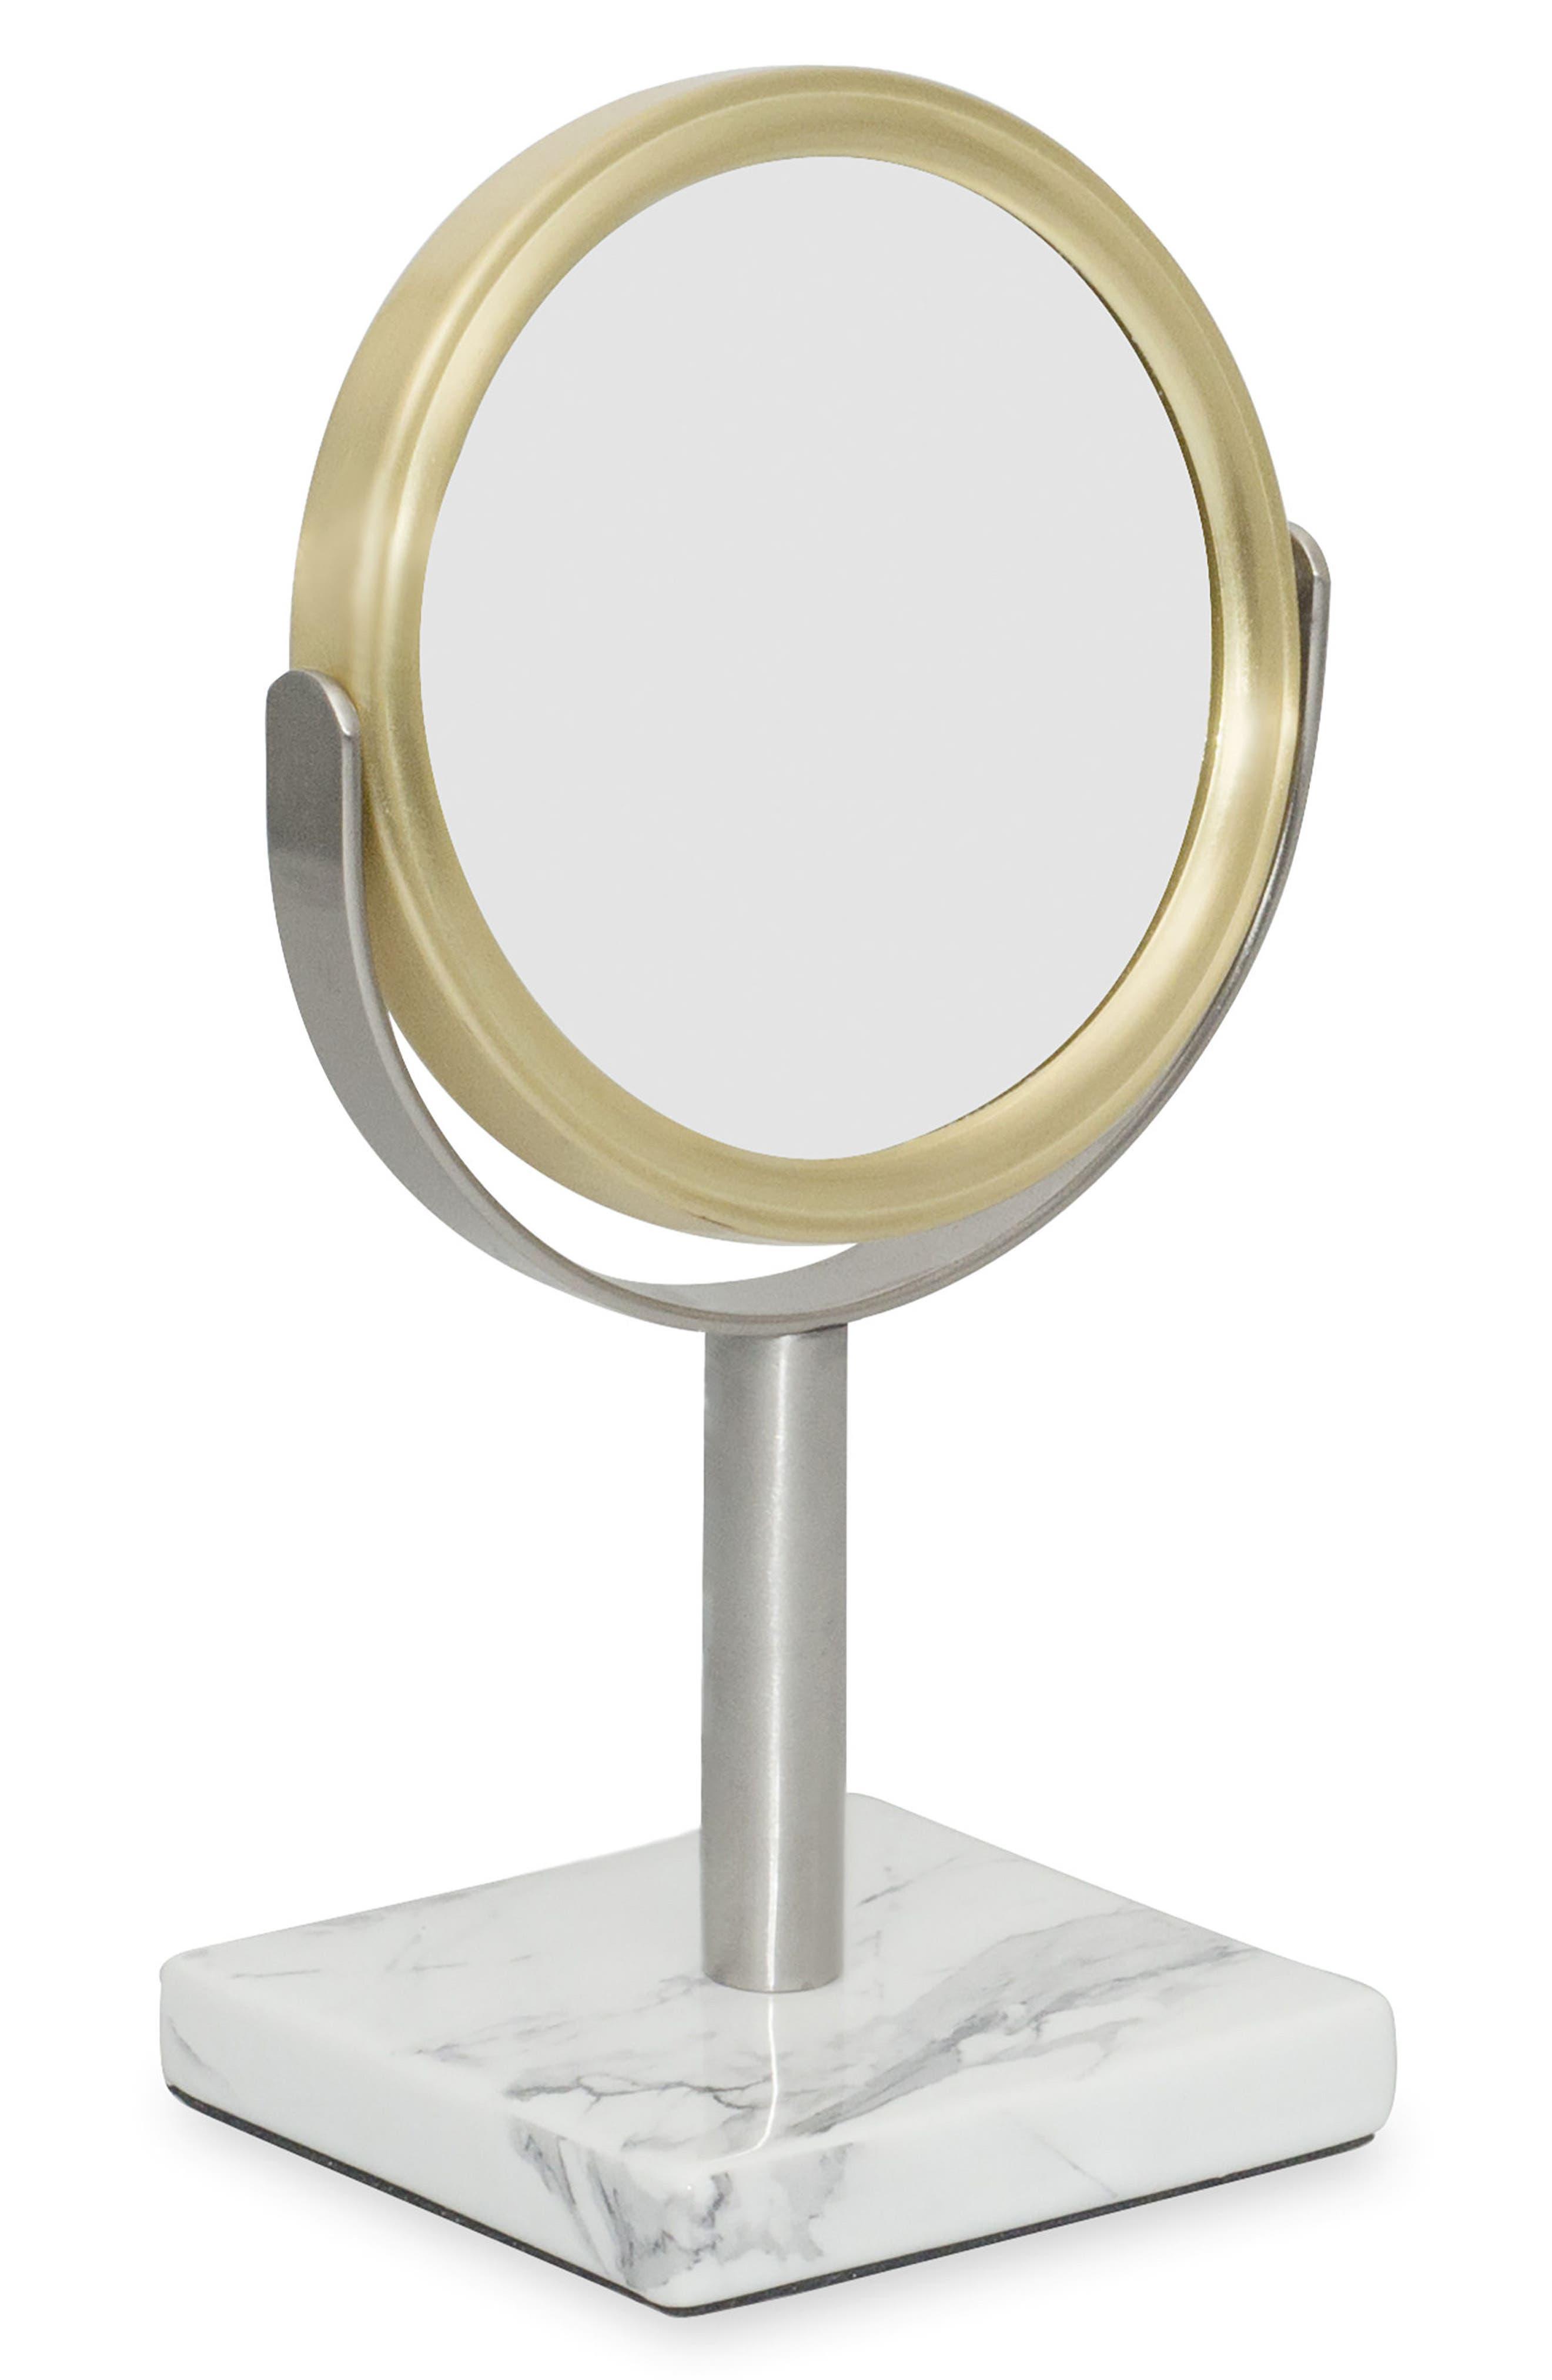 DKNY Mixed Media Mini Mirror